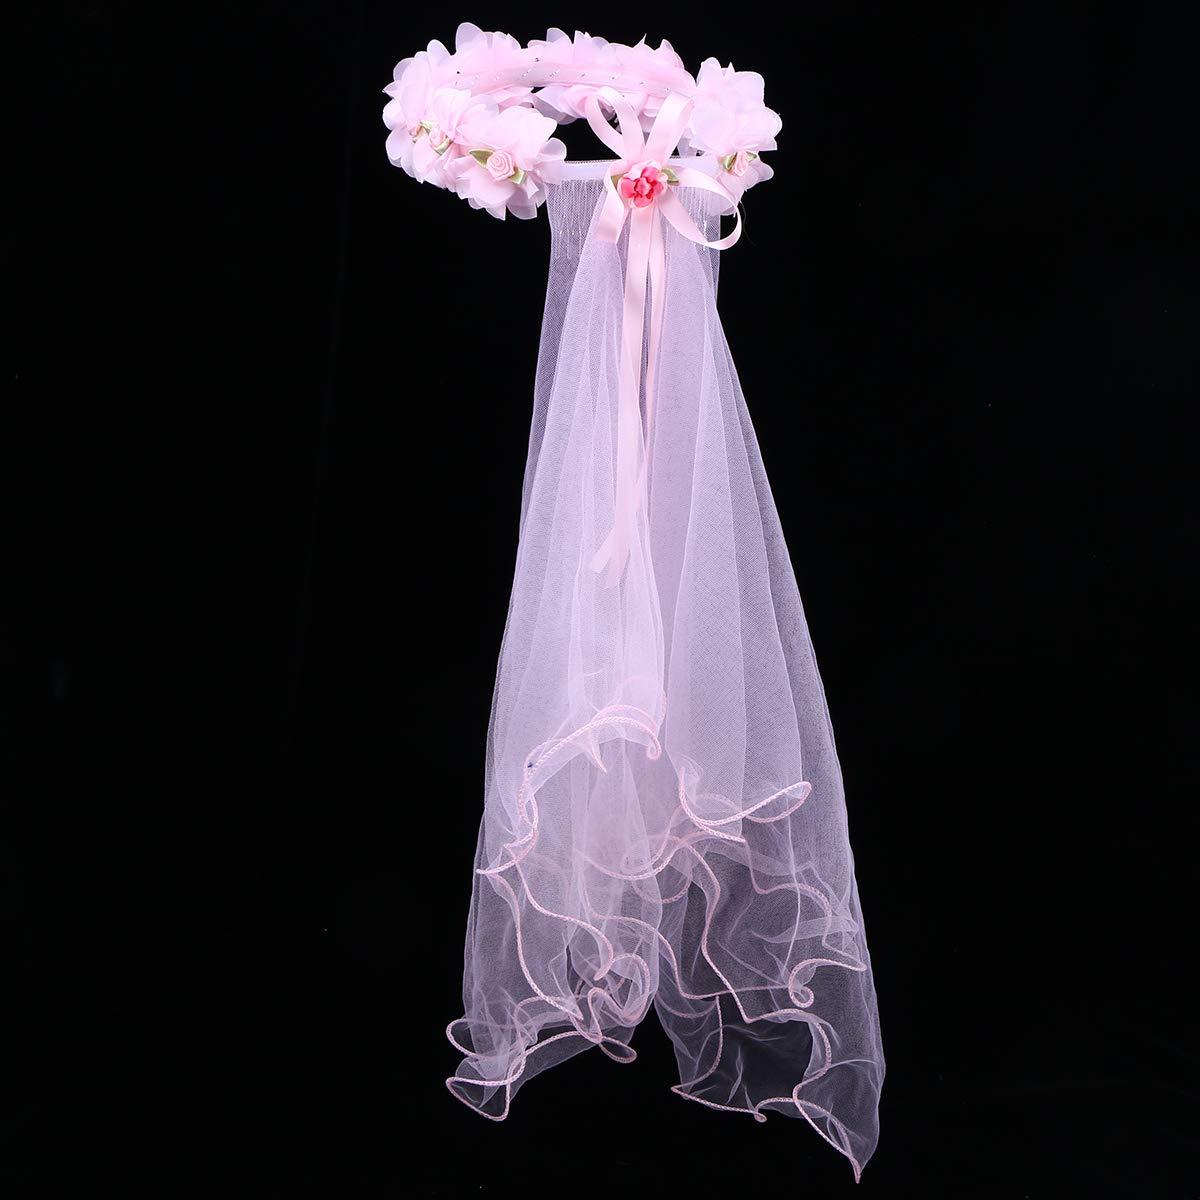 FRCOLOR Kinder Hochzeitsschleier Kurze Wei/ße Spitze Schleier mit Blumengirlande T/üll Gaze Schleier Braut Kathedrale Schleier Mantilla Kopfbedeckung f/ür Braut Verkleiden